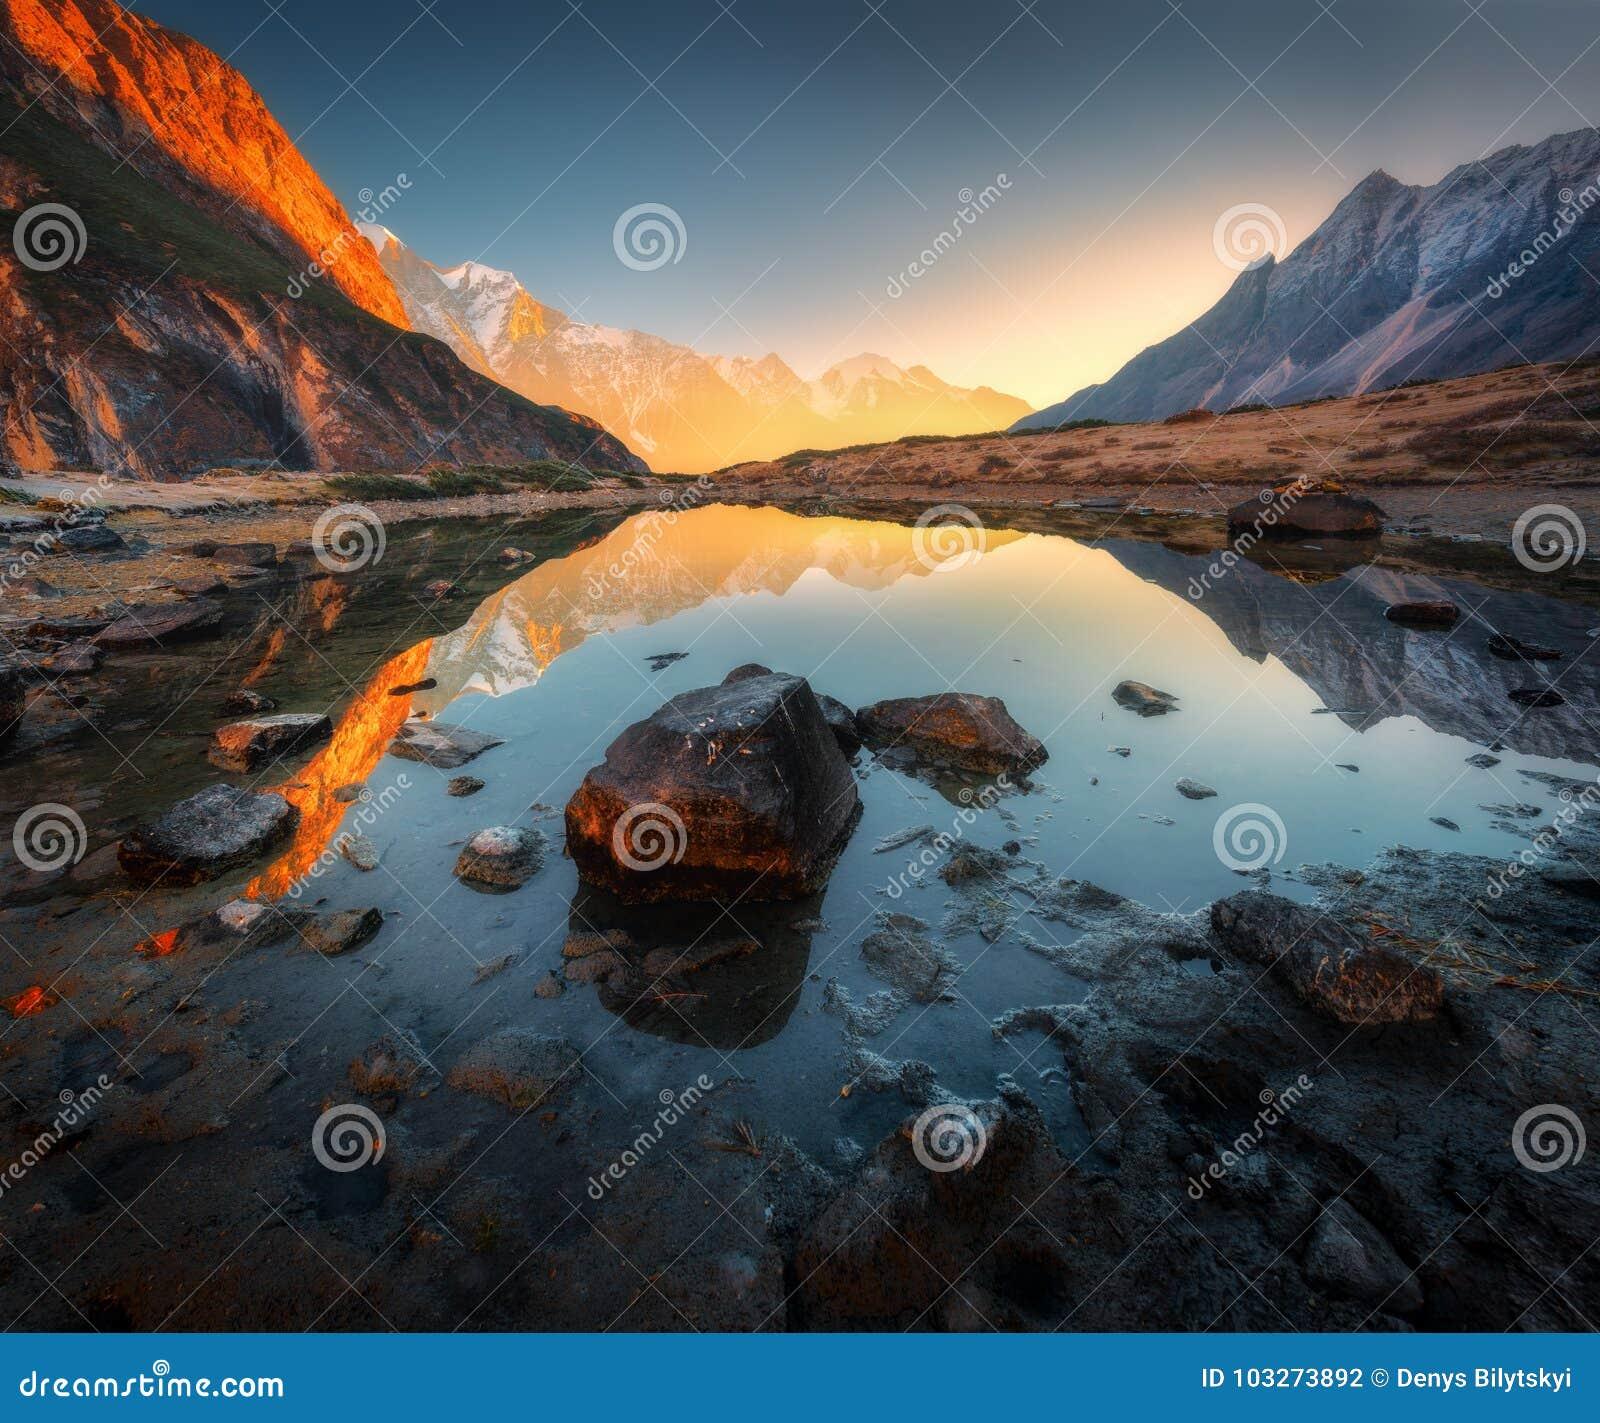 Erstaunliche Szene mit Himalajabergen